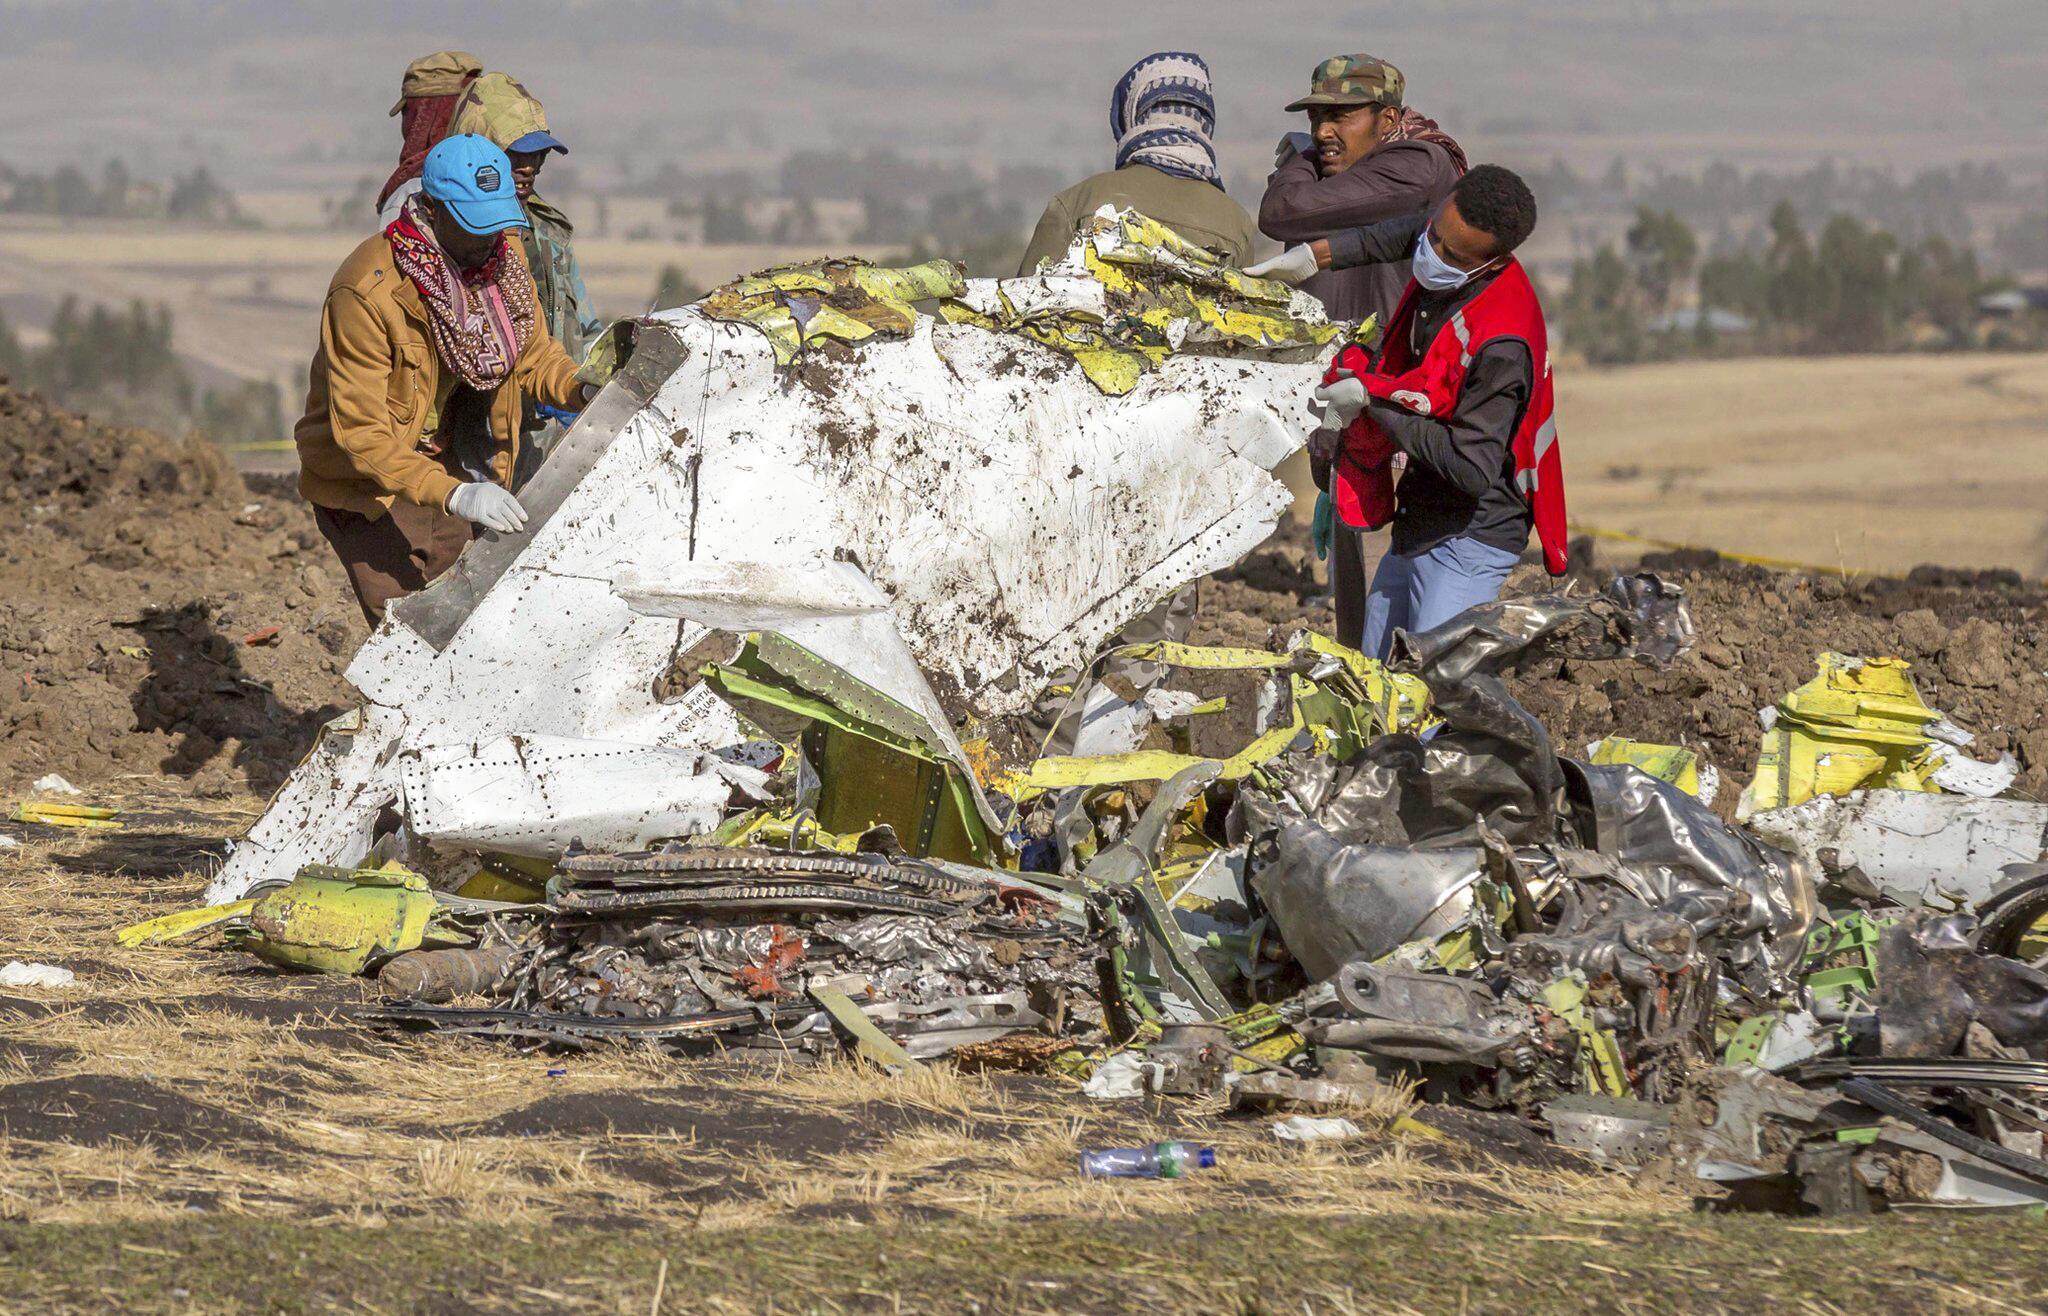 Bild zu Boeing, Absturz, Äthiopien, Addis Abeba, Boeing 737 Max 8, Bishoftu